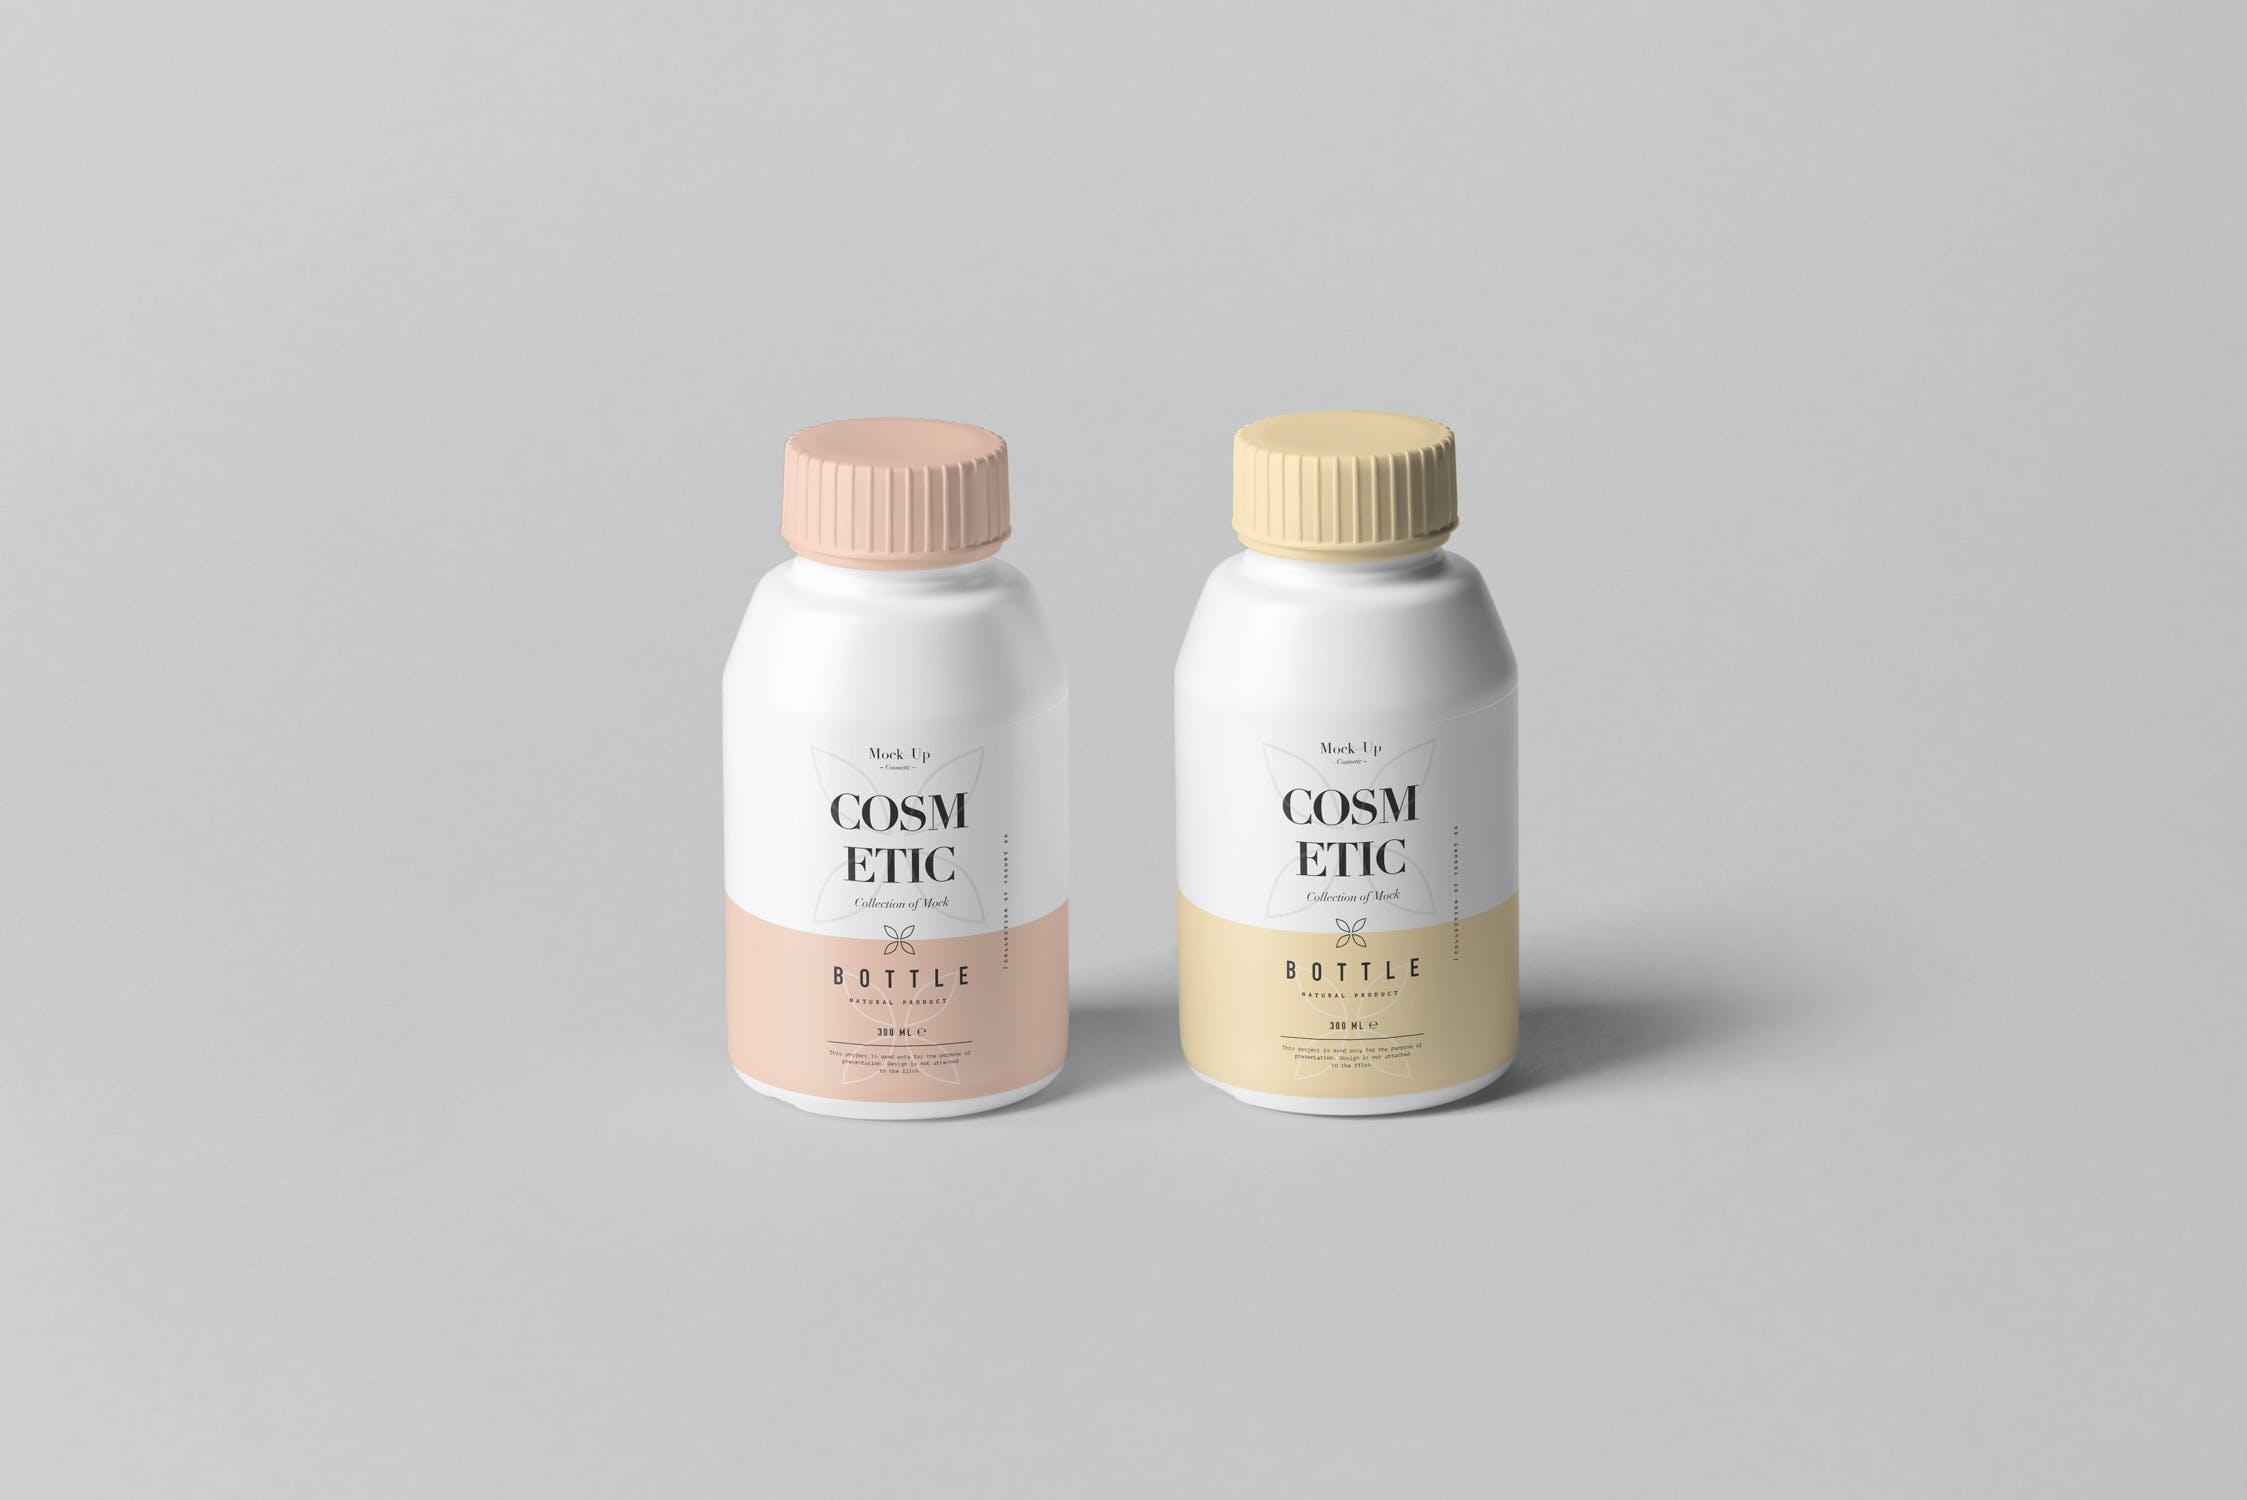 10款化妆品塑料包装罐设计展示样机PSD模板 Cosmetic Bottle Mockup 3插图(4)